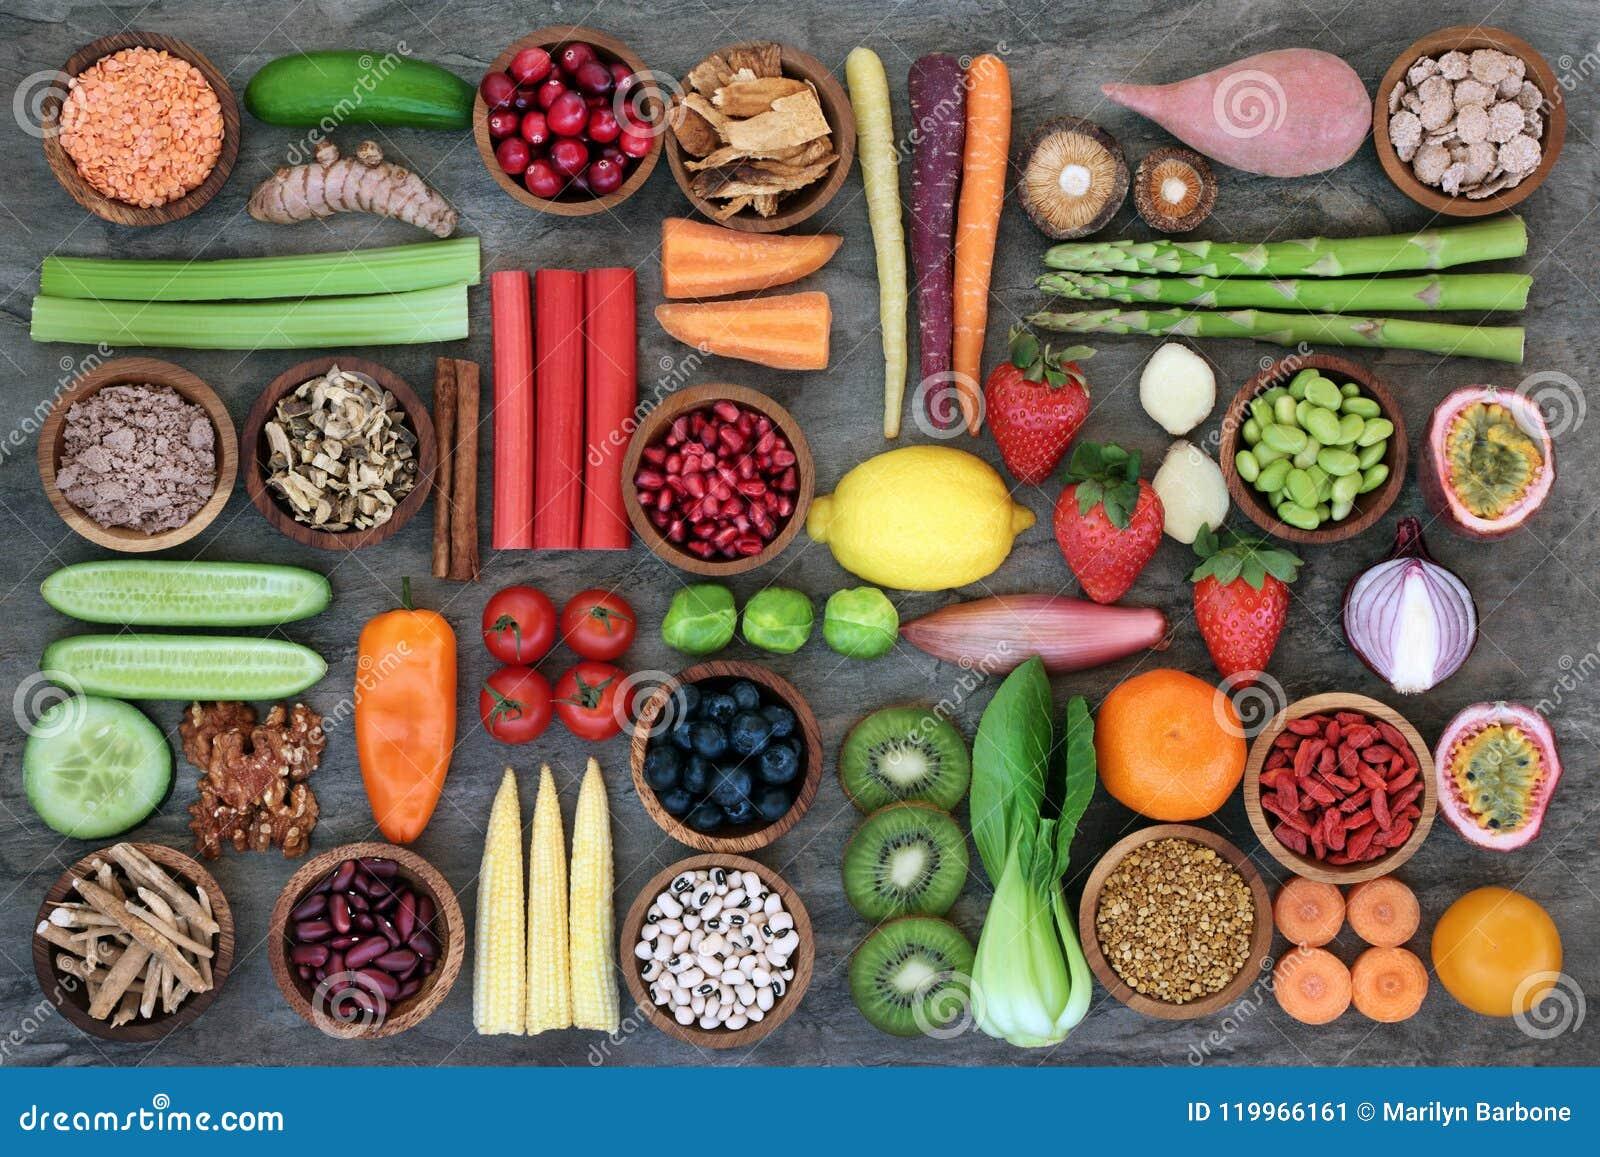 Υγιεινή διατροφή για την υγιή κατανάλωση